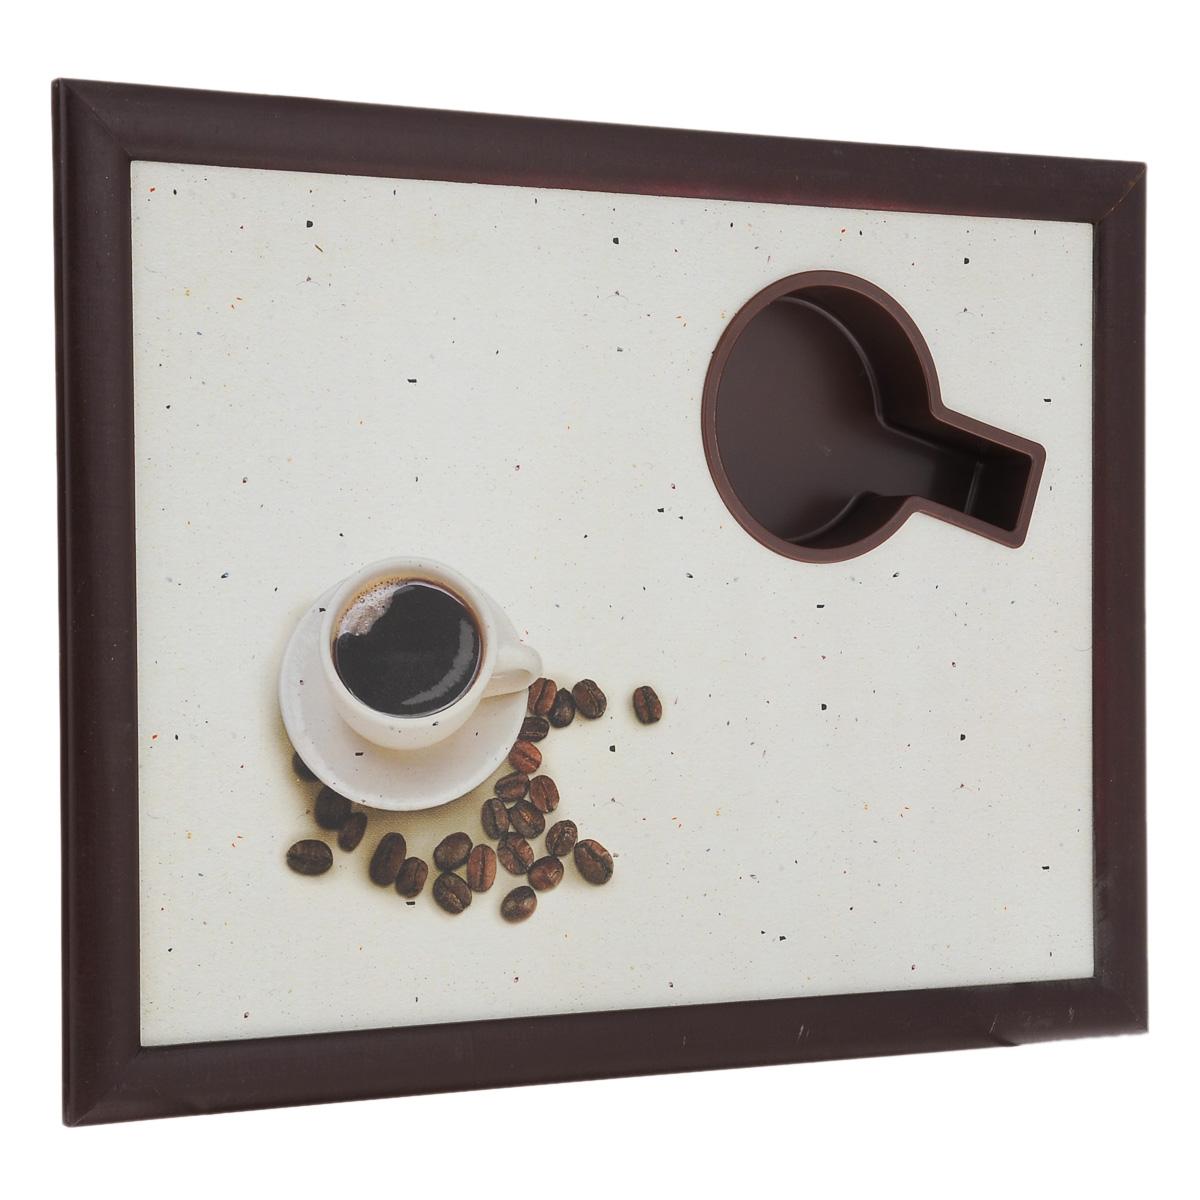 Столик-поднос для завтрака Едим дома Чашка кофе, с мягким основанием, 44 х 34 х 8 см60560Столик-поднос Едим дома Чашка кофе удобен для приема пищи и работы с ноутбуком. Столик изготовлен из высококачественного полипропилена в деревянной рамке. Столик имеет мягкое основание в виде подушки, изготовленной из полиэстера. Основание наполнено крупными шариками пенопласта. Подушка столика принимает форму поверхности и его удобно ставить на колени или диван. Столик-поднос имеет отверстие для чашки. Столик декорирован изображением чашки с кофе. В комплект входит рецепт суфле от Юлии Высоцкой.